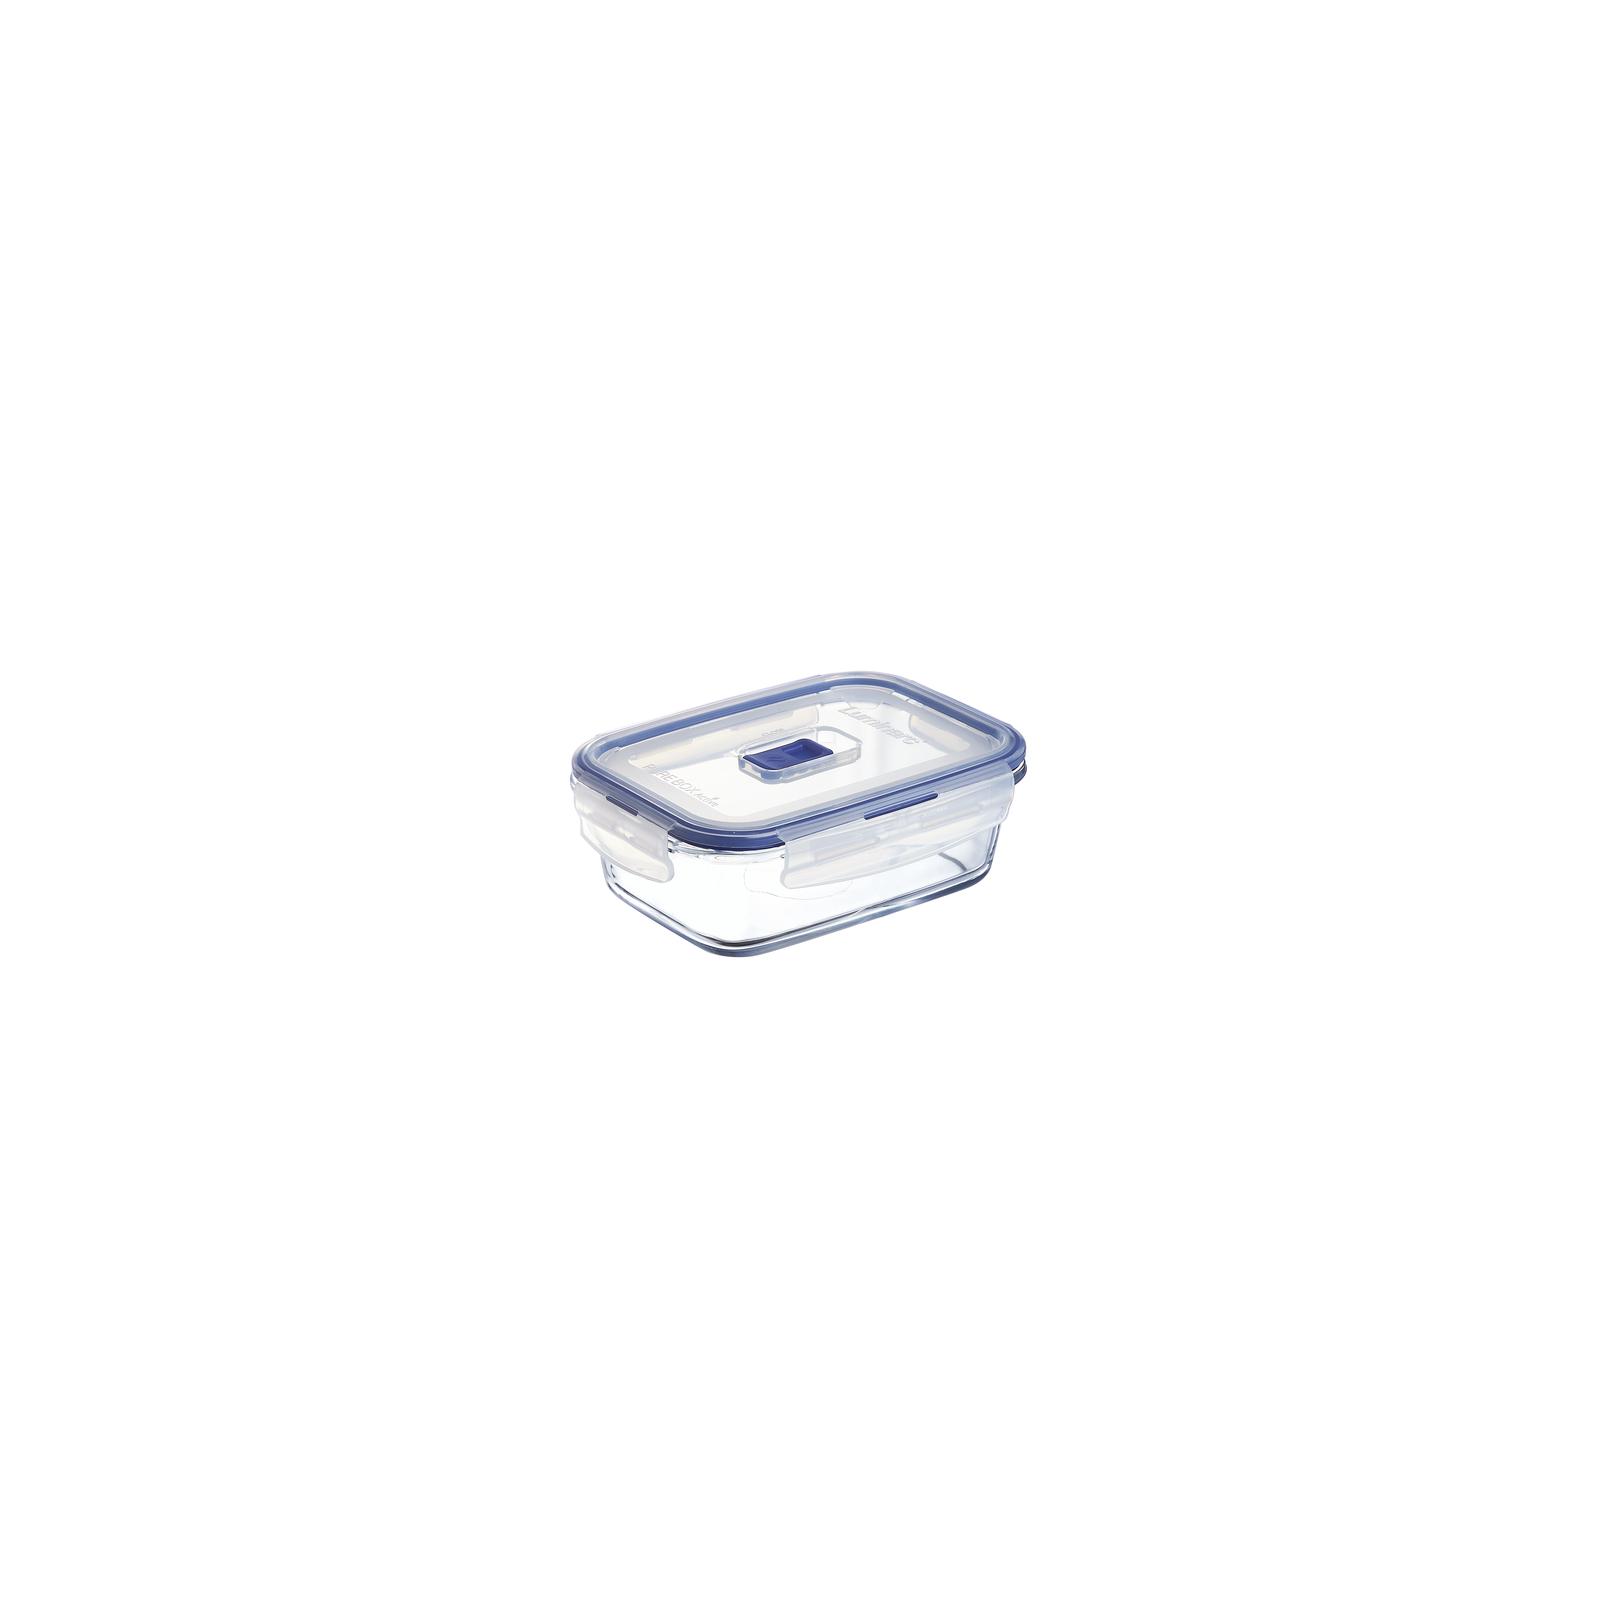 Пищевой контейнер Luminarc Pure Box Active набор 3шт прямоуг. 380мл/820мл/1220мл (P5275) изображение 3